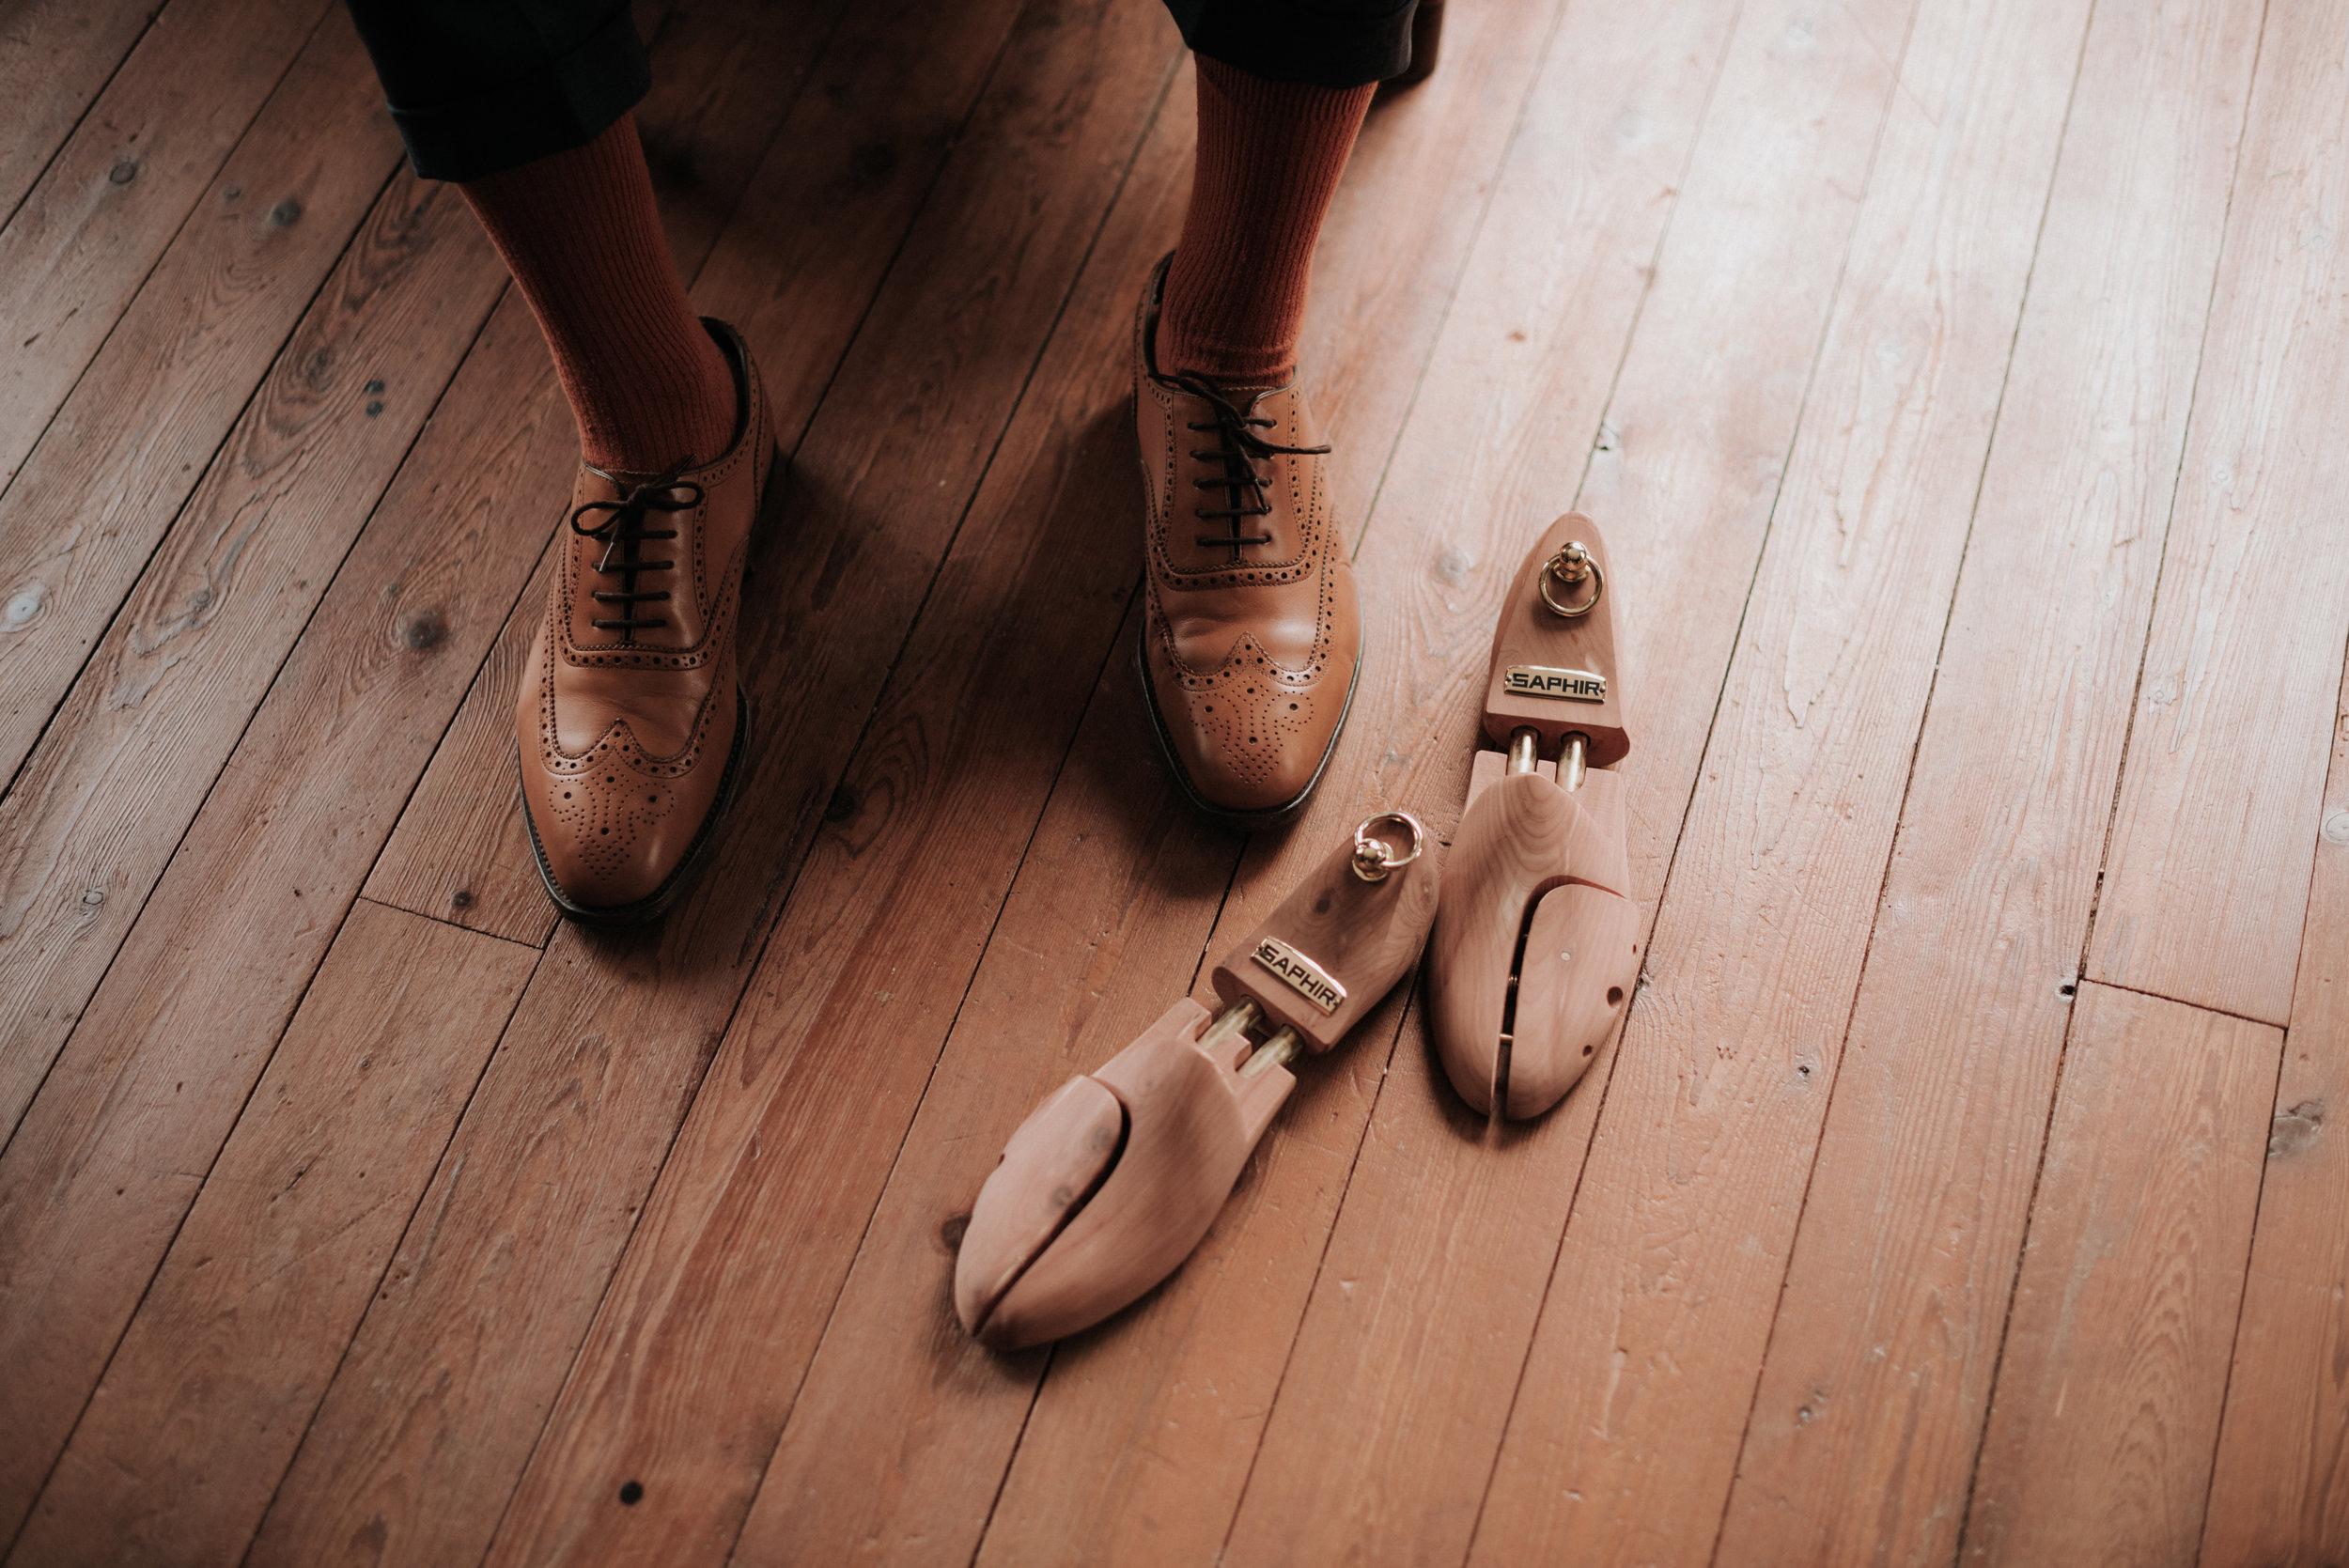 Léa-Fery-photographe-professionnel-lyon-rhone-alpes-portrait-creation-mariage-evenement-evenementiel-famille-5010.jpg